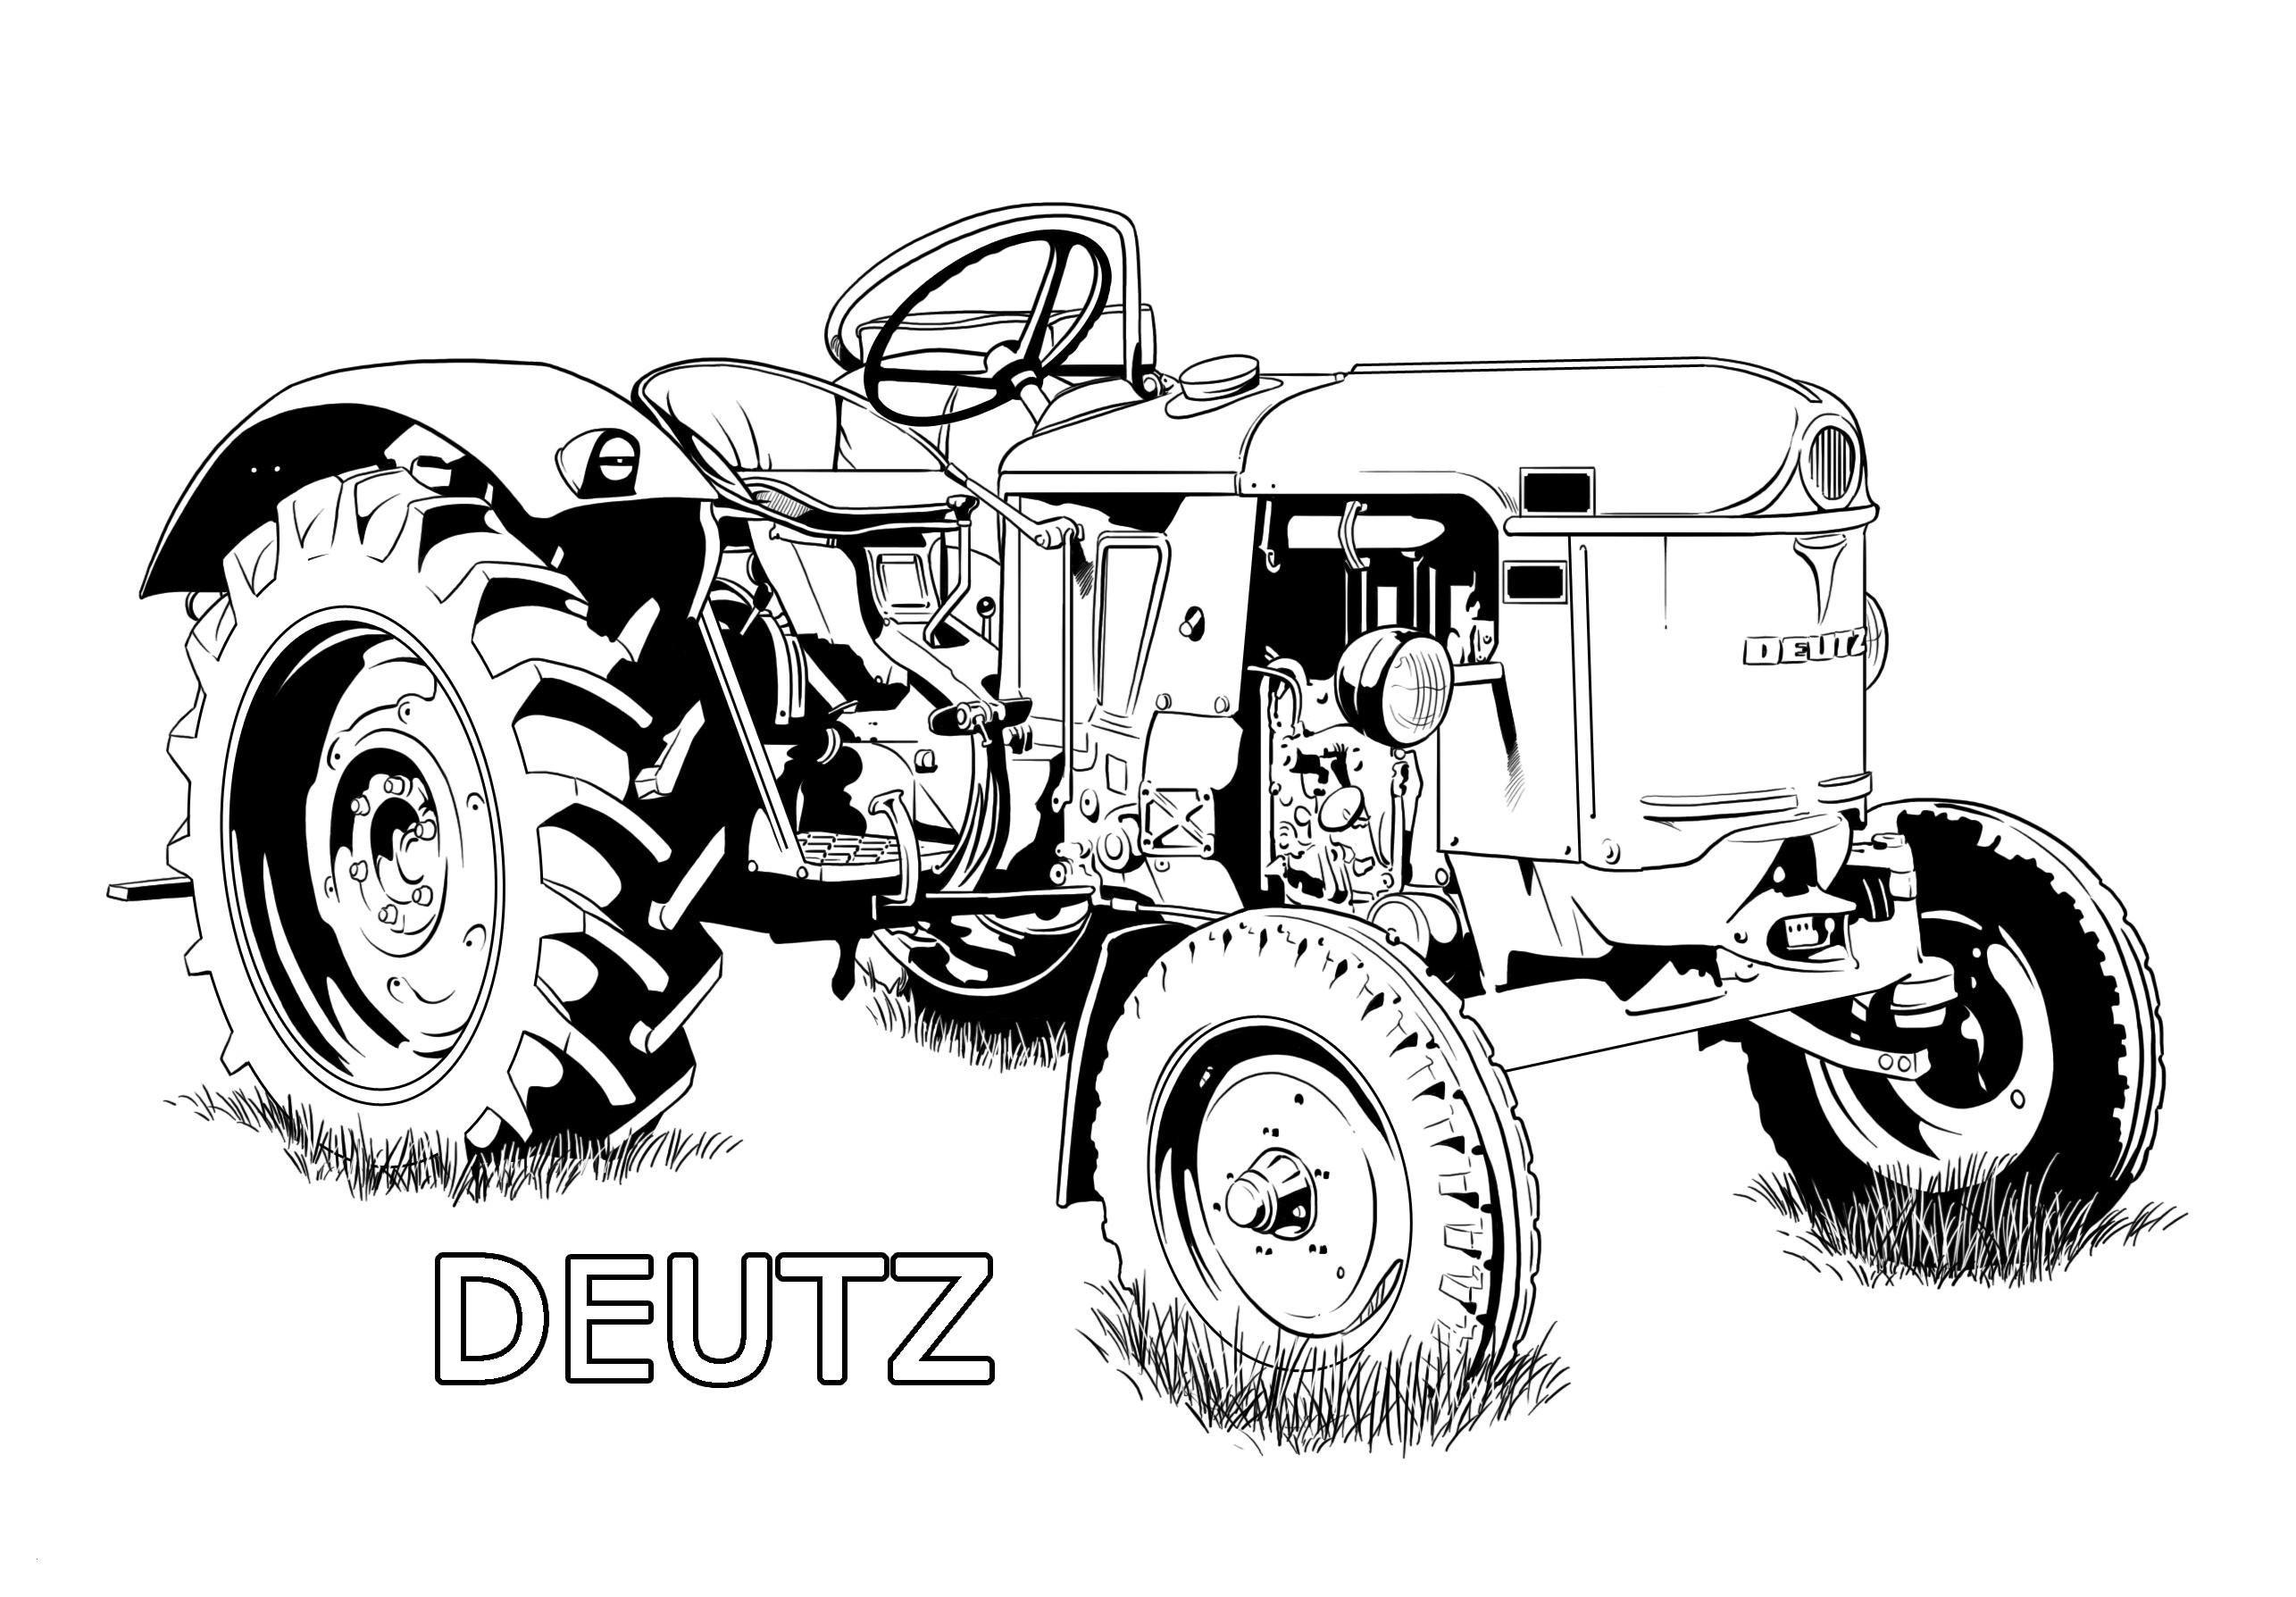 Traktor Bilder Zum Ausmalen Einzigartig Bayern Ausmalbilder Schön Igel Grundschule 0d Archives Schön Traktor Bilder